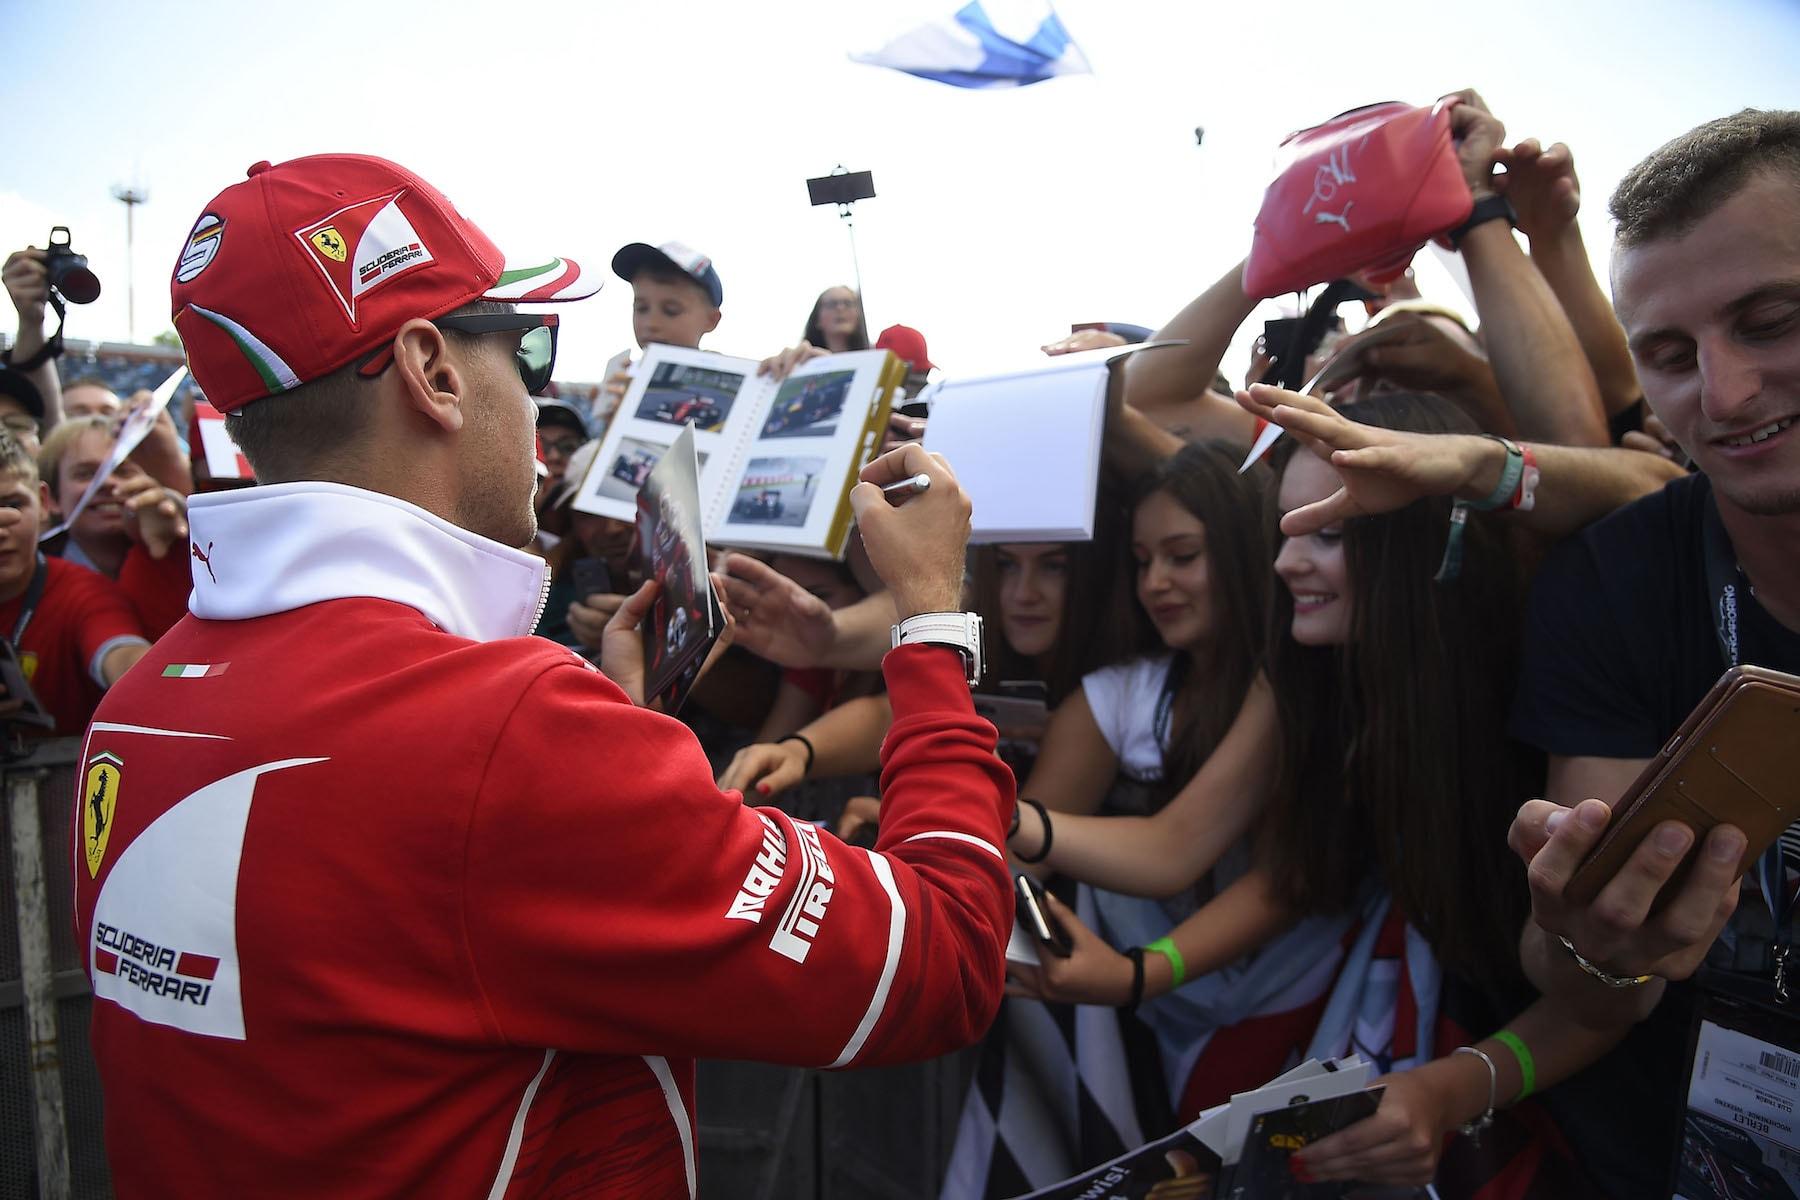 2017 Sebastian Vettel | Ferrari SF70H | 2017 Hungarian GP 1 copy.jpg